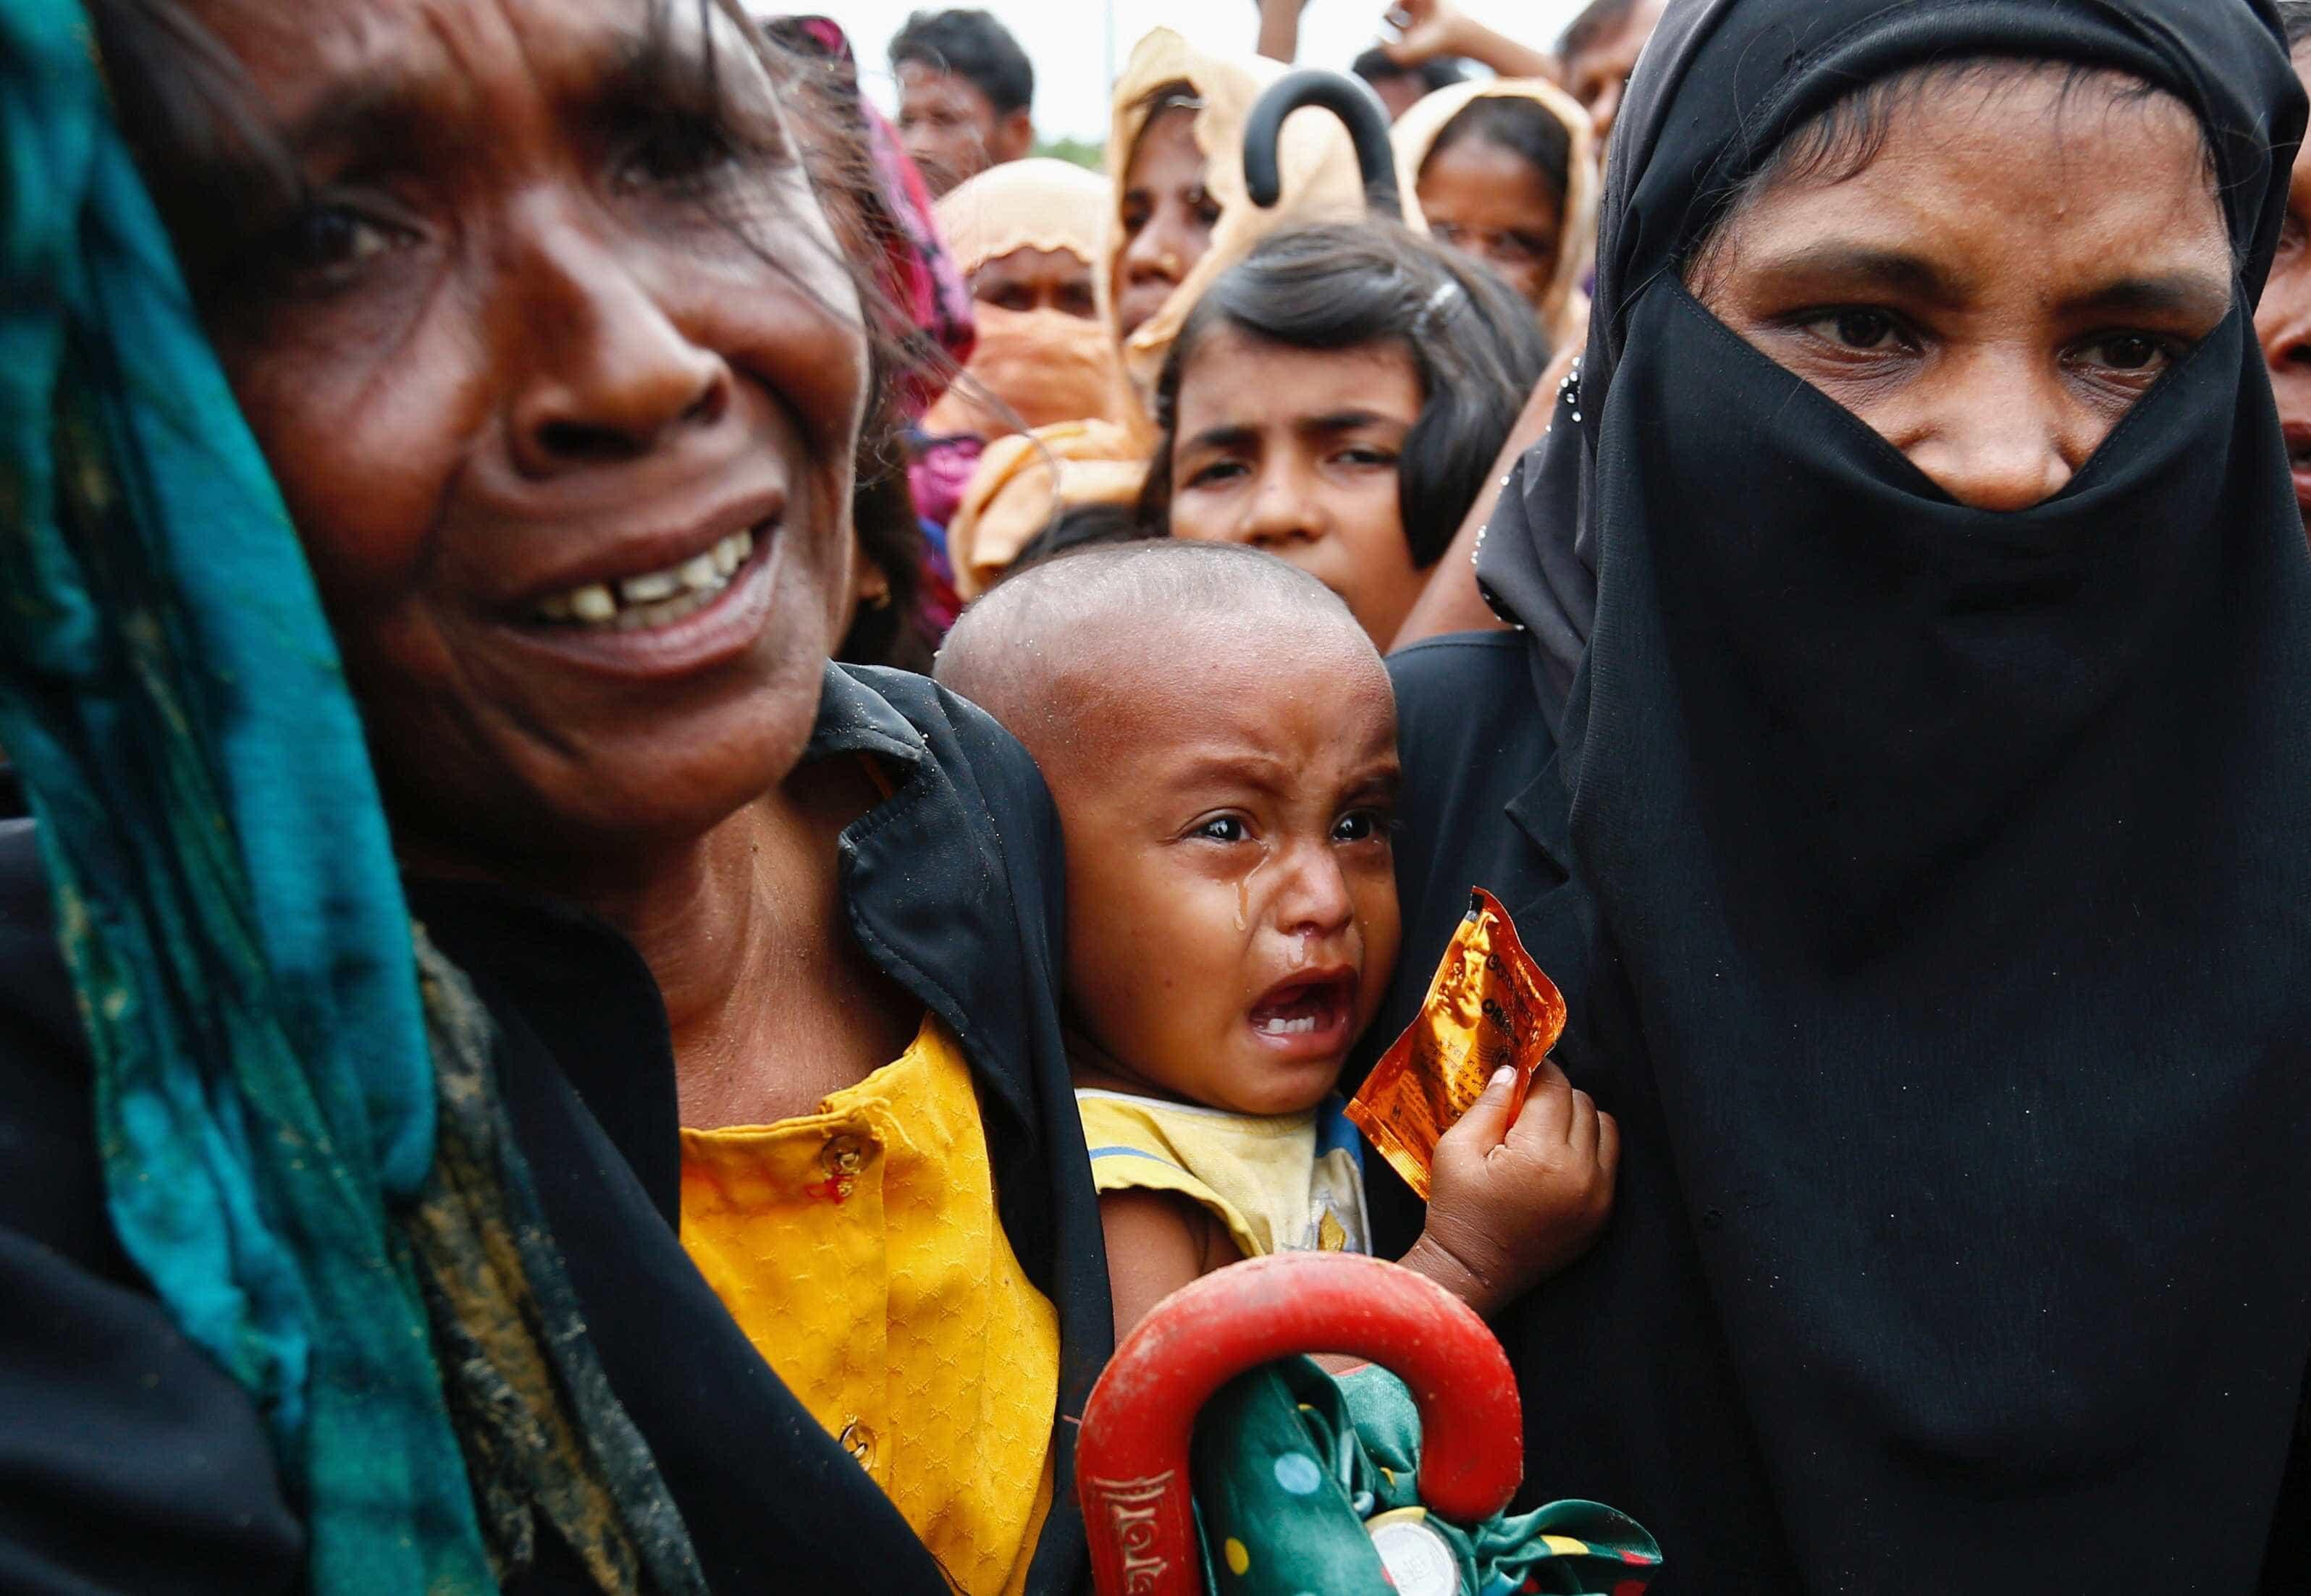 Violação de mulheres rohingya é tratada como problema comunitário